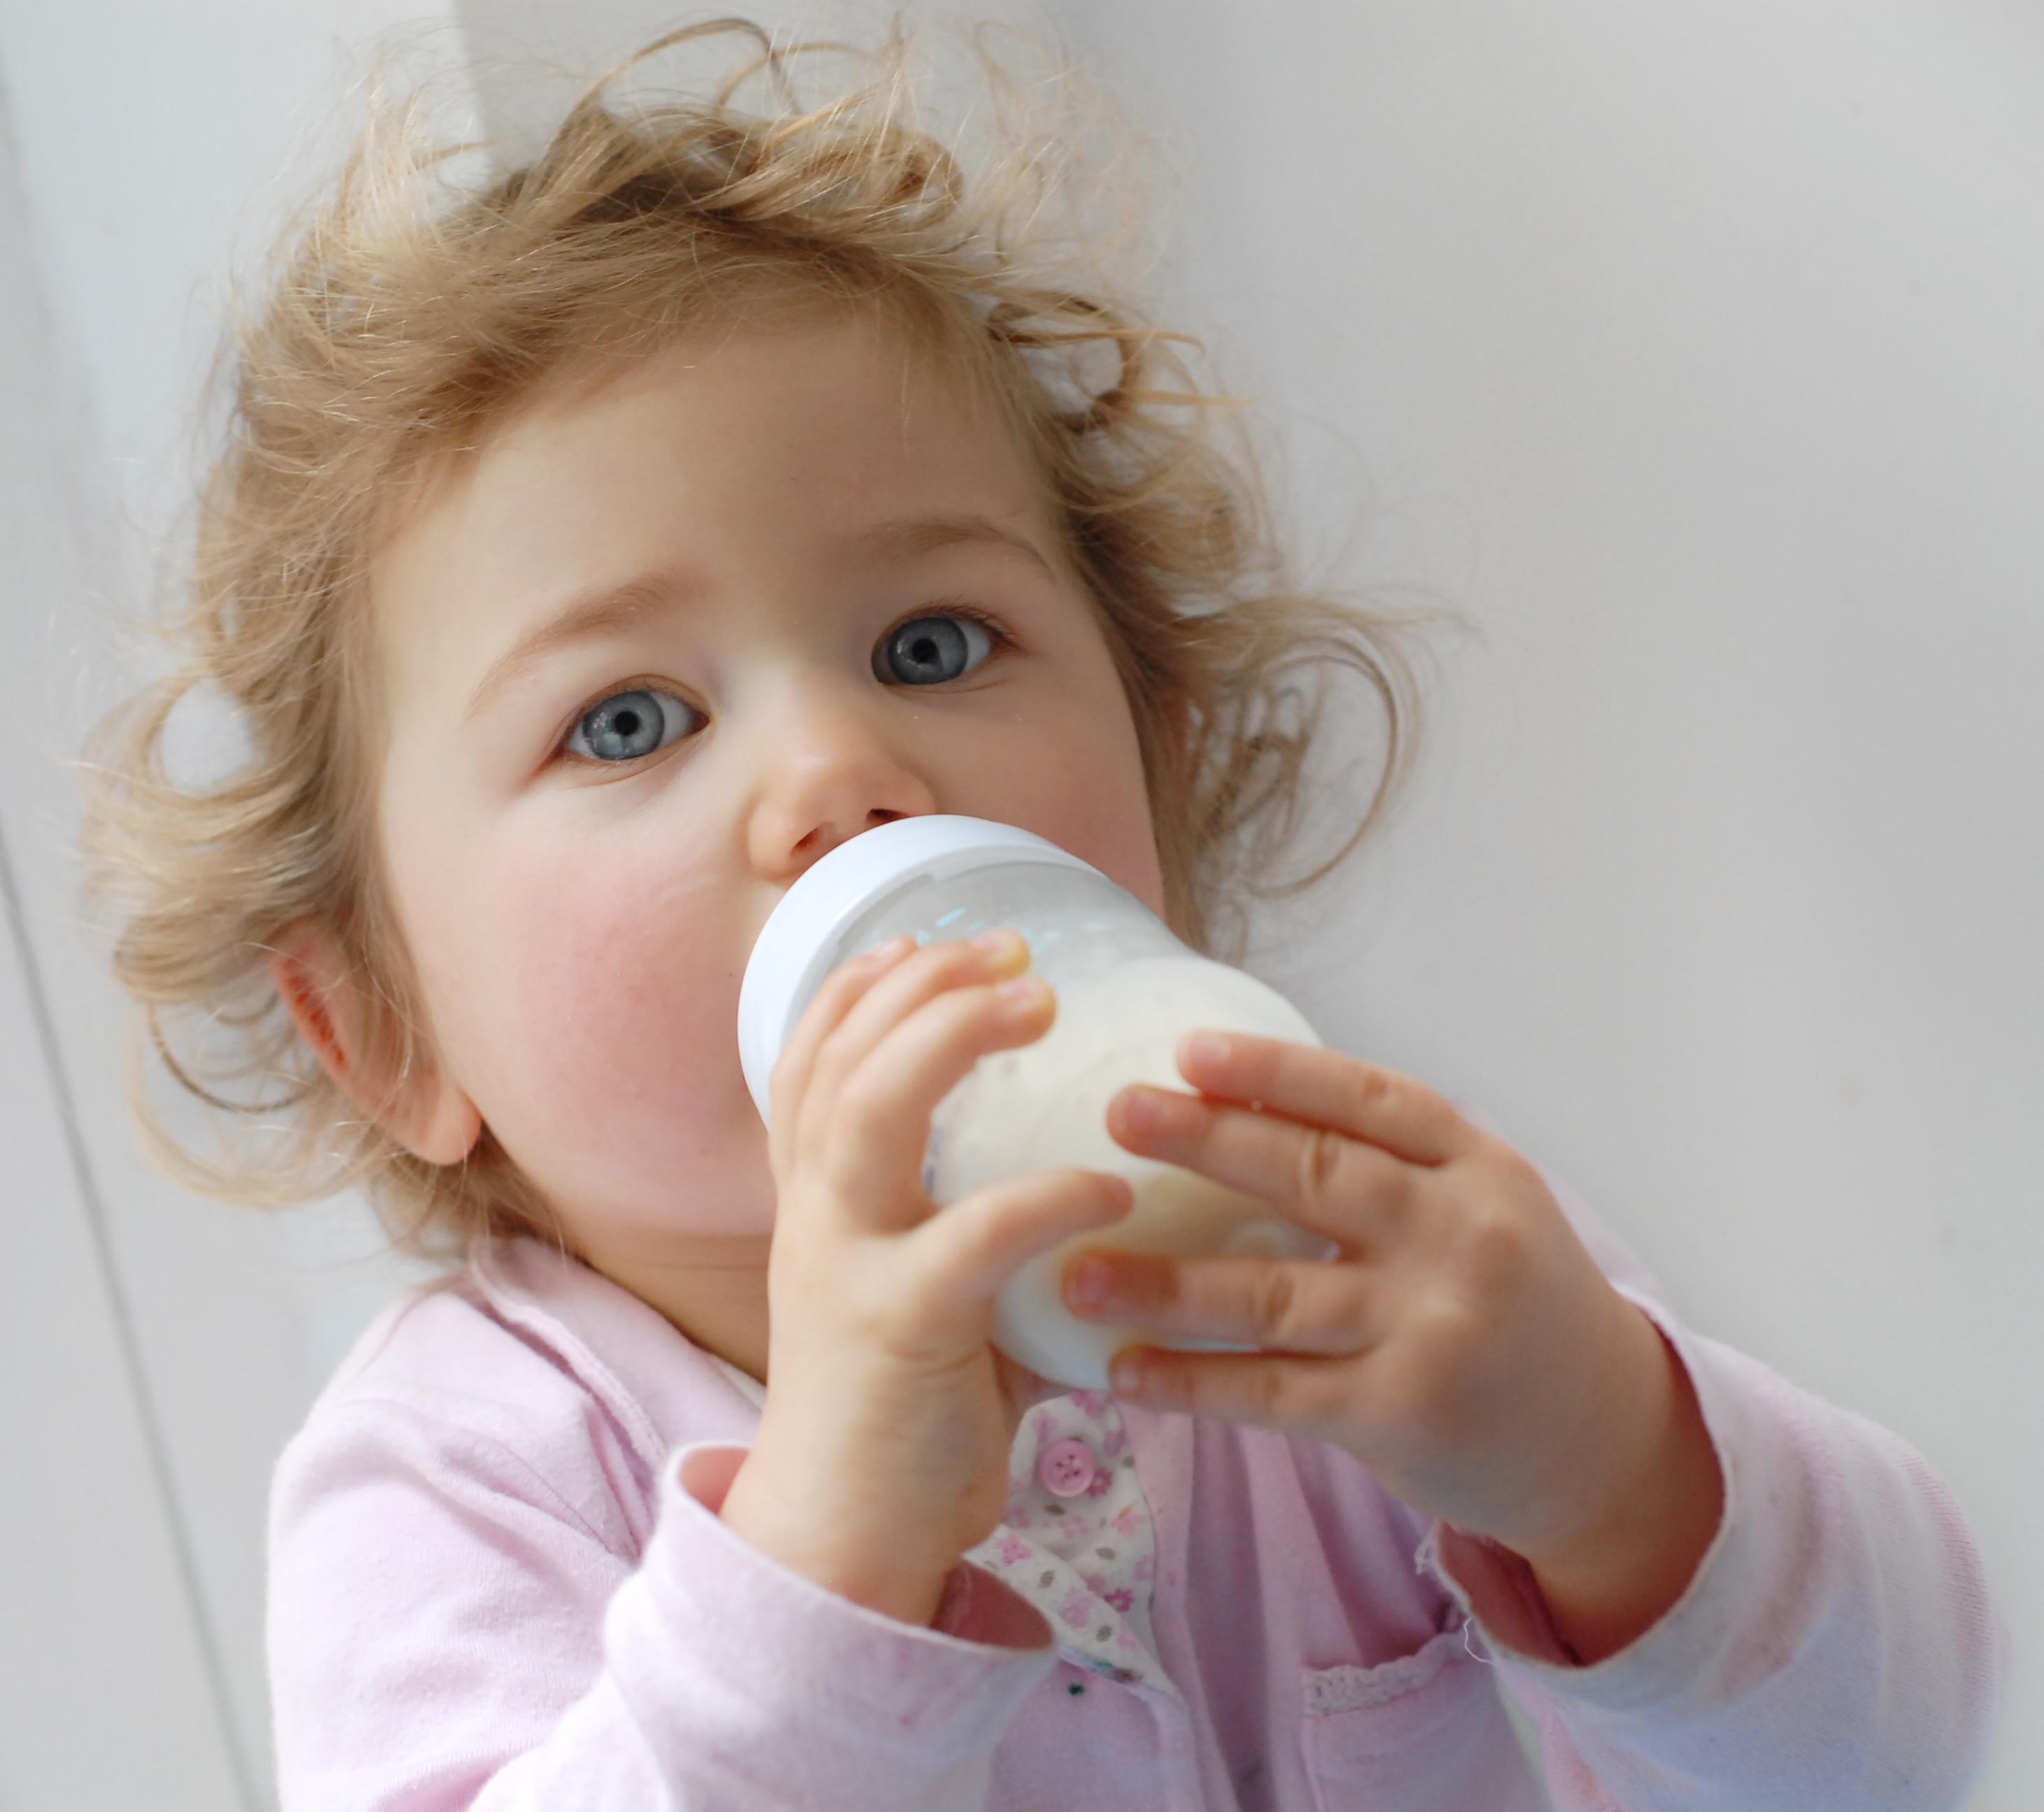 enfant qui boit un biberon de lait de croissance